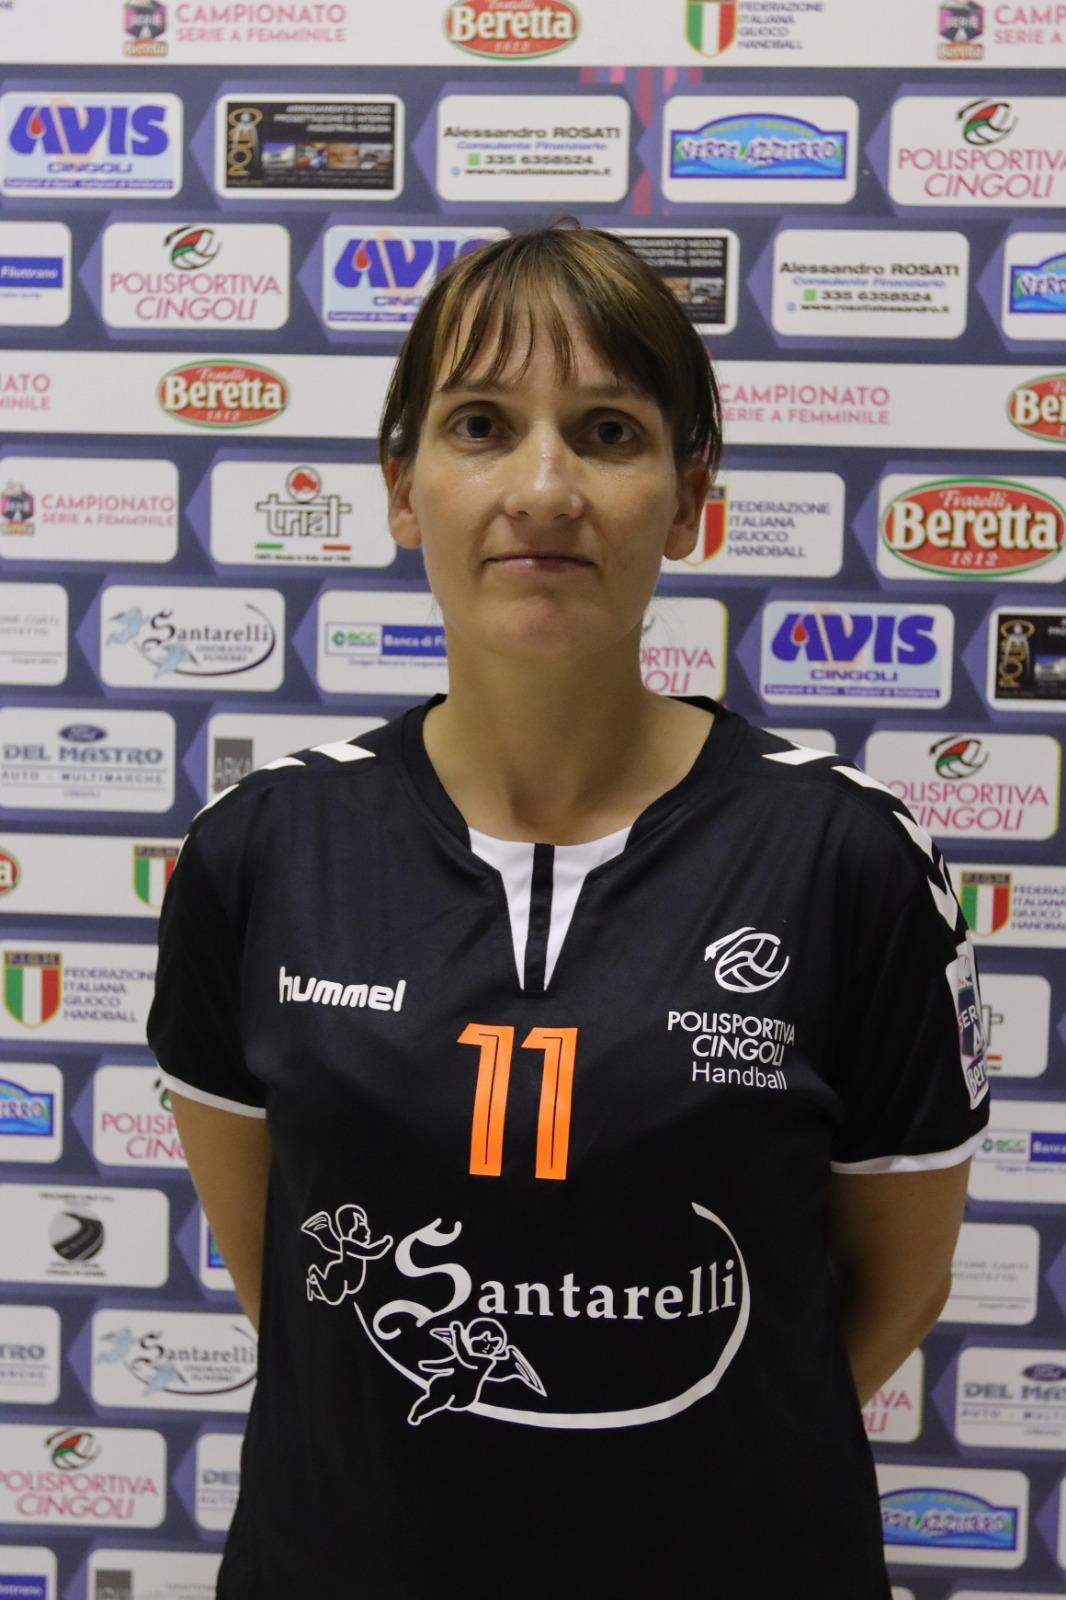 11 – Francesca Piattella :